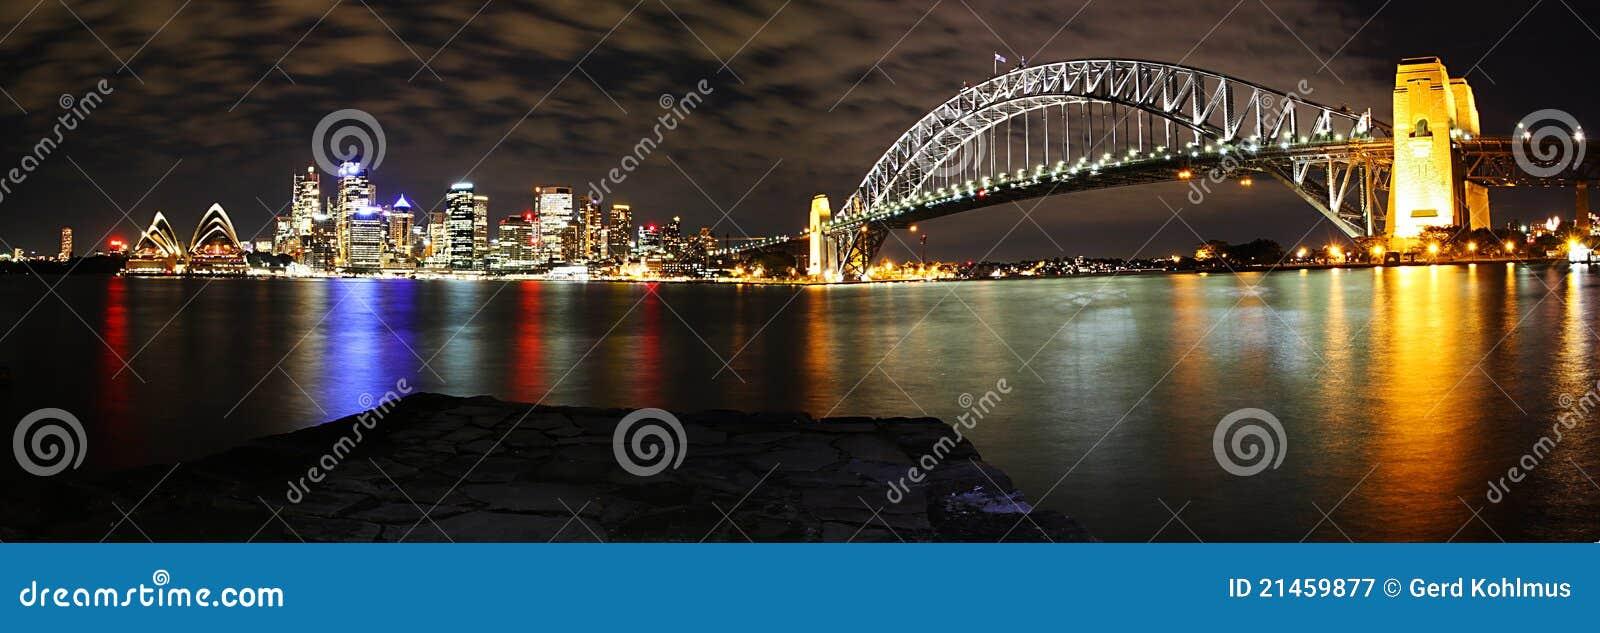 Sydney Skyline Panorama at night